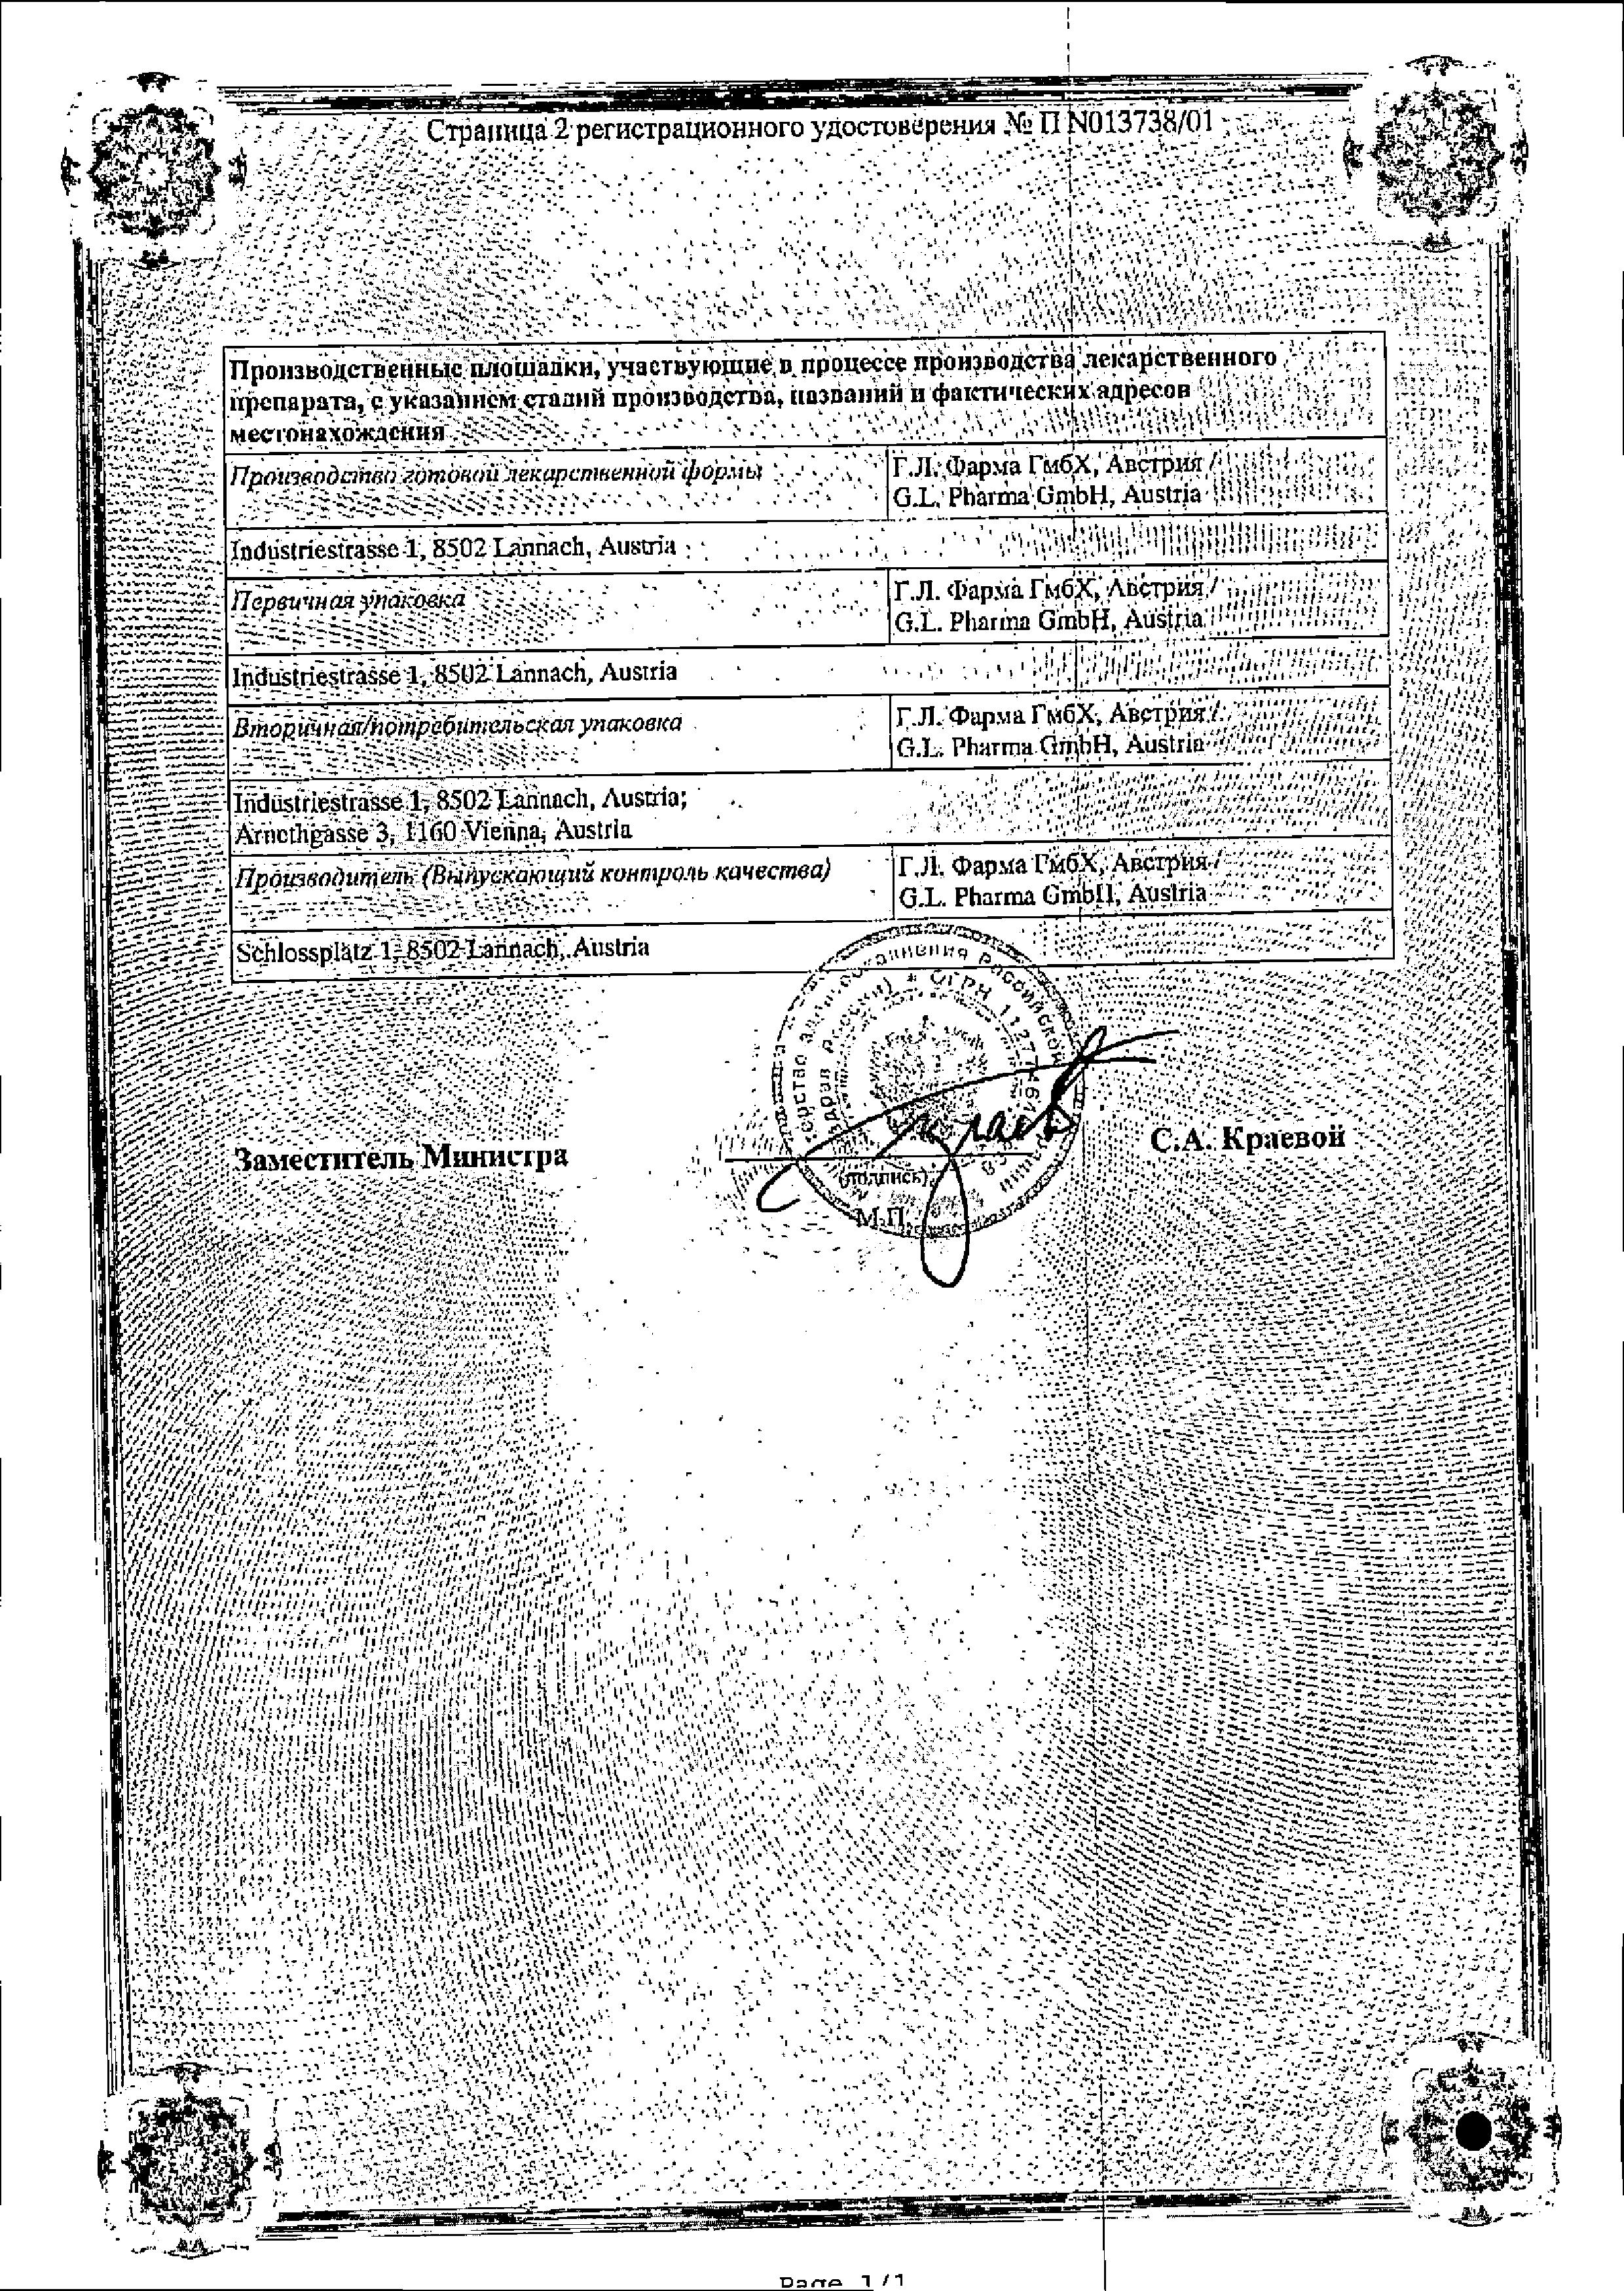 Дилтиазем Ланнахер сертификат